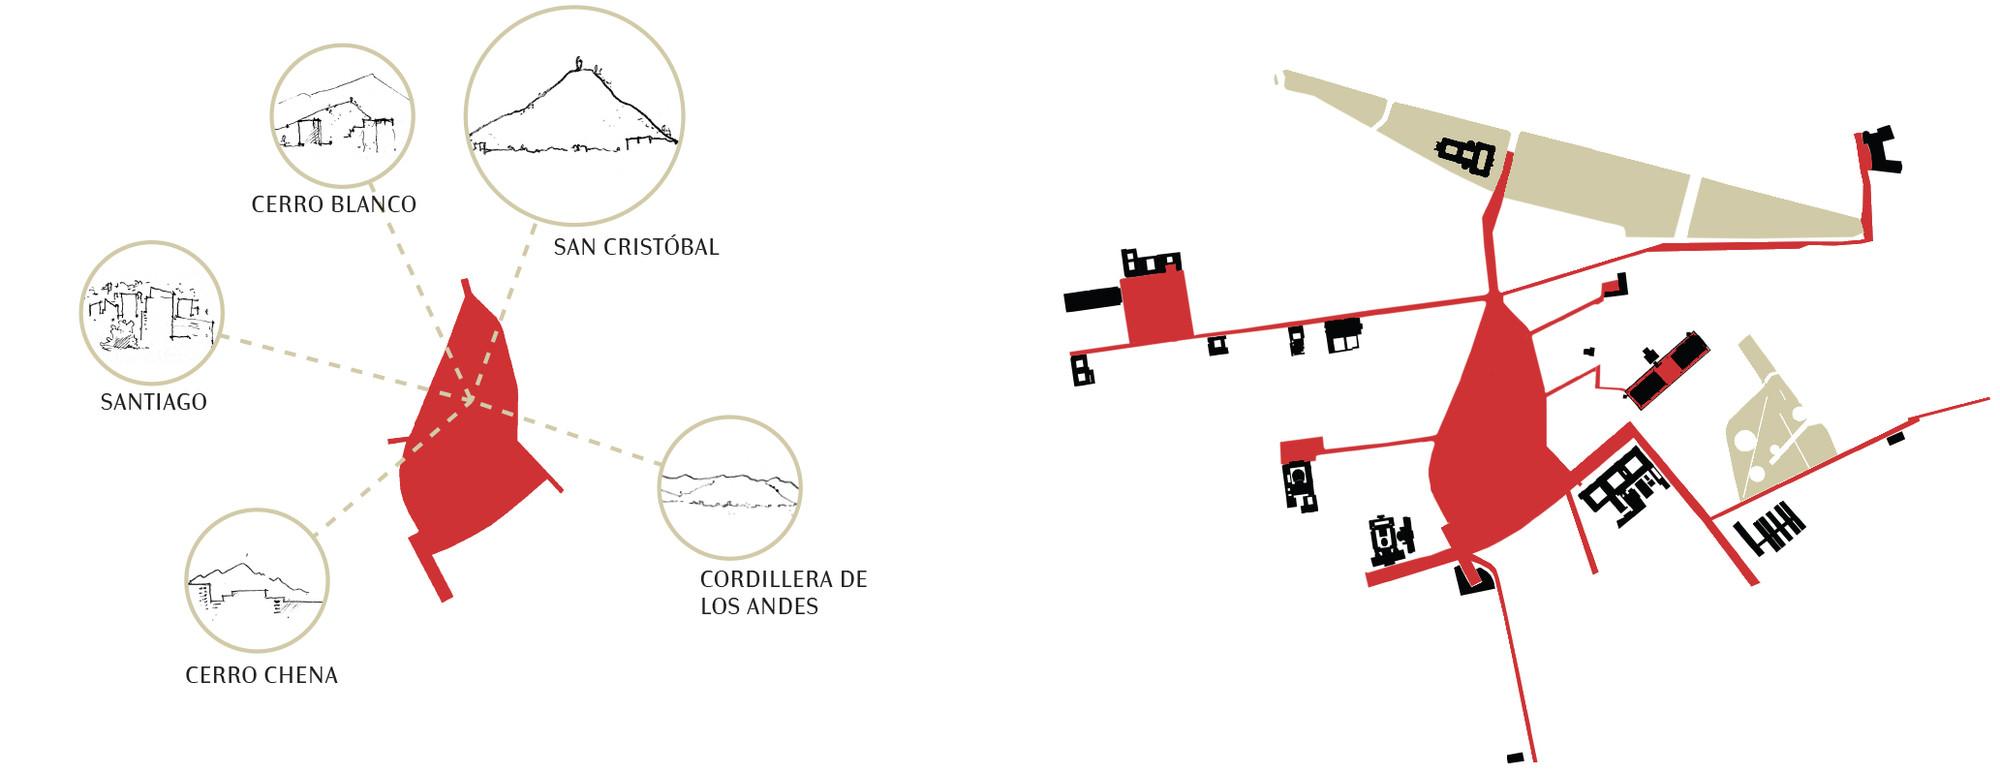 Red. Image Cortesia de Fundación Cerros Isla + Macarena Gaete